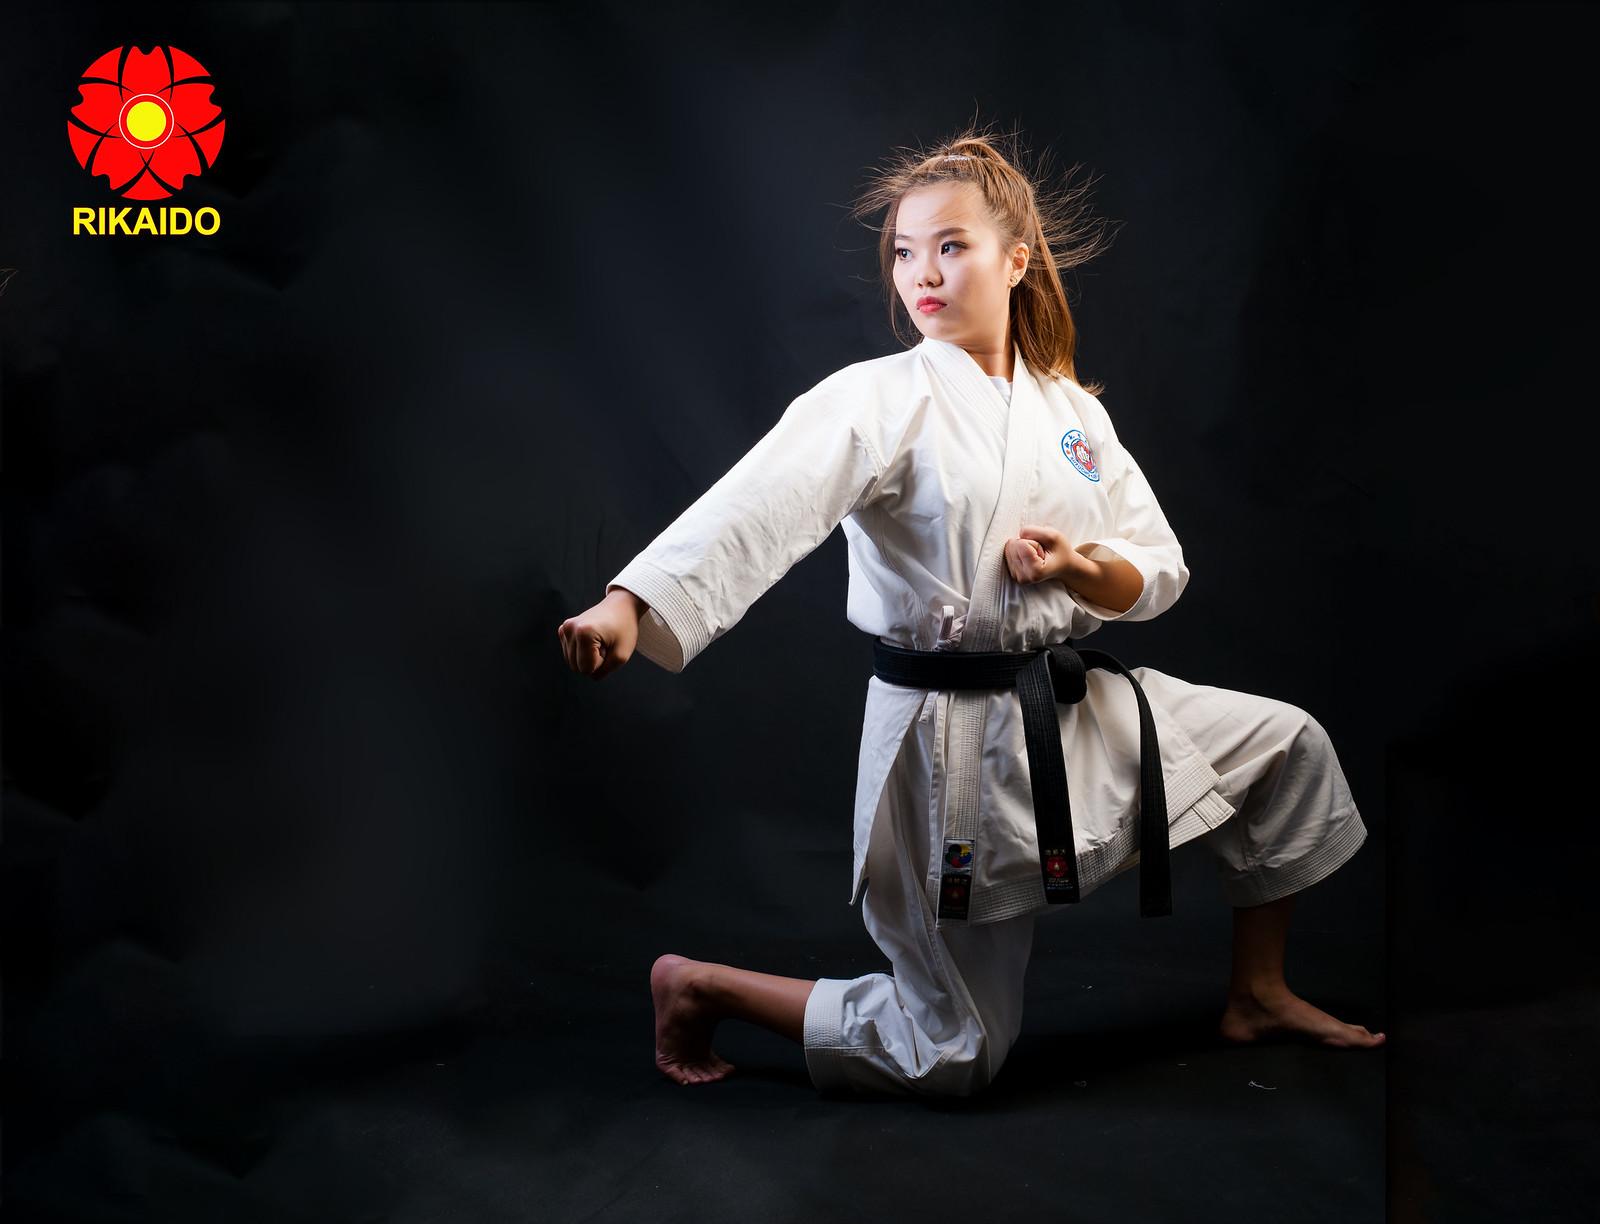 43978999001 29f9f790e4 h - Ảnh nghệ thuật karate chụp trong studio